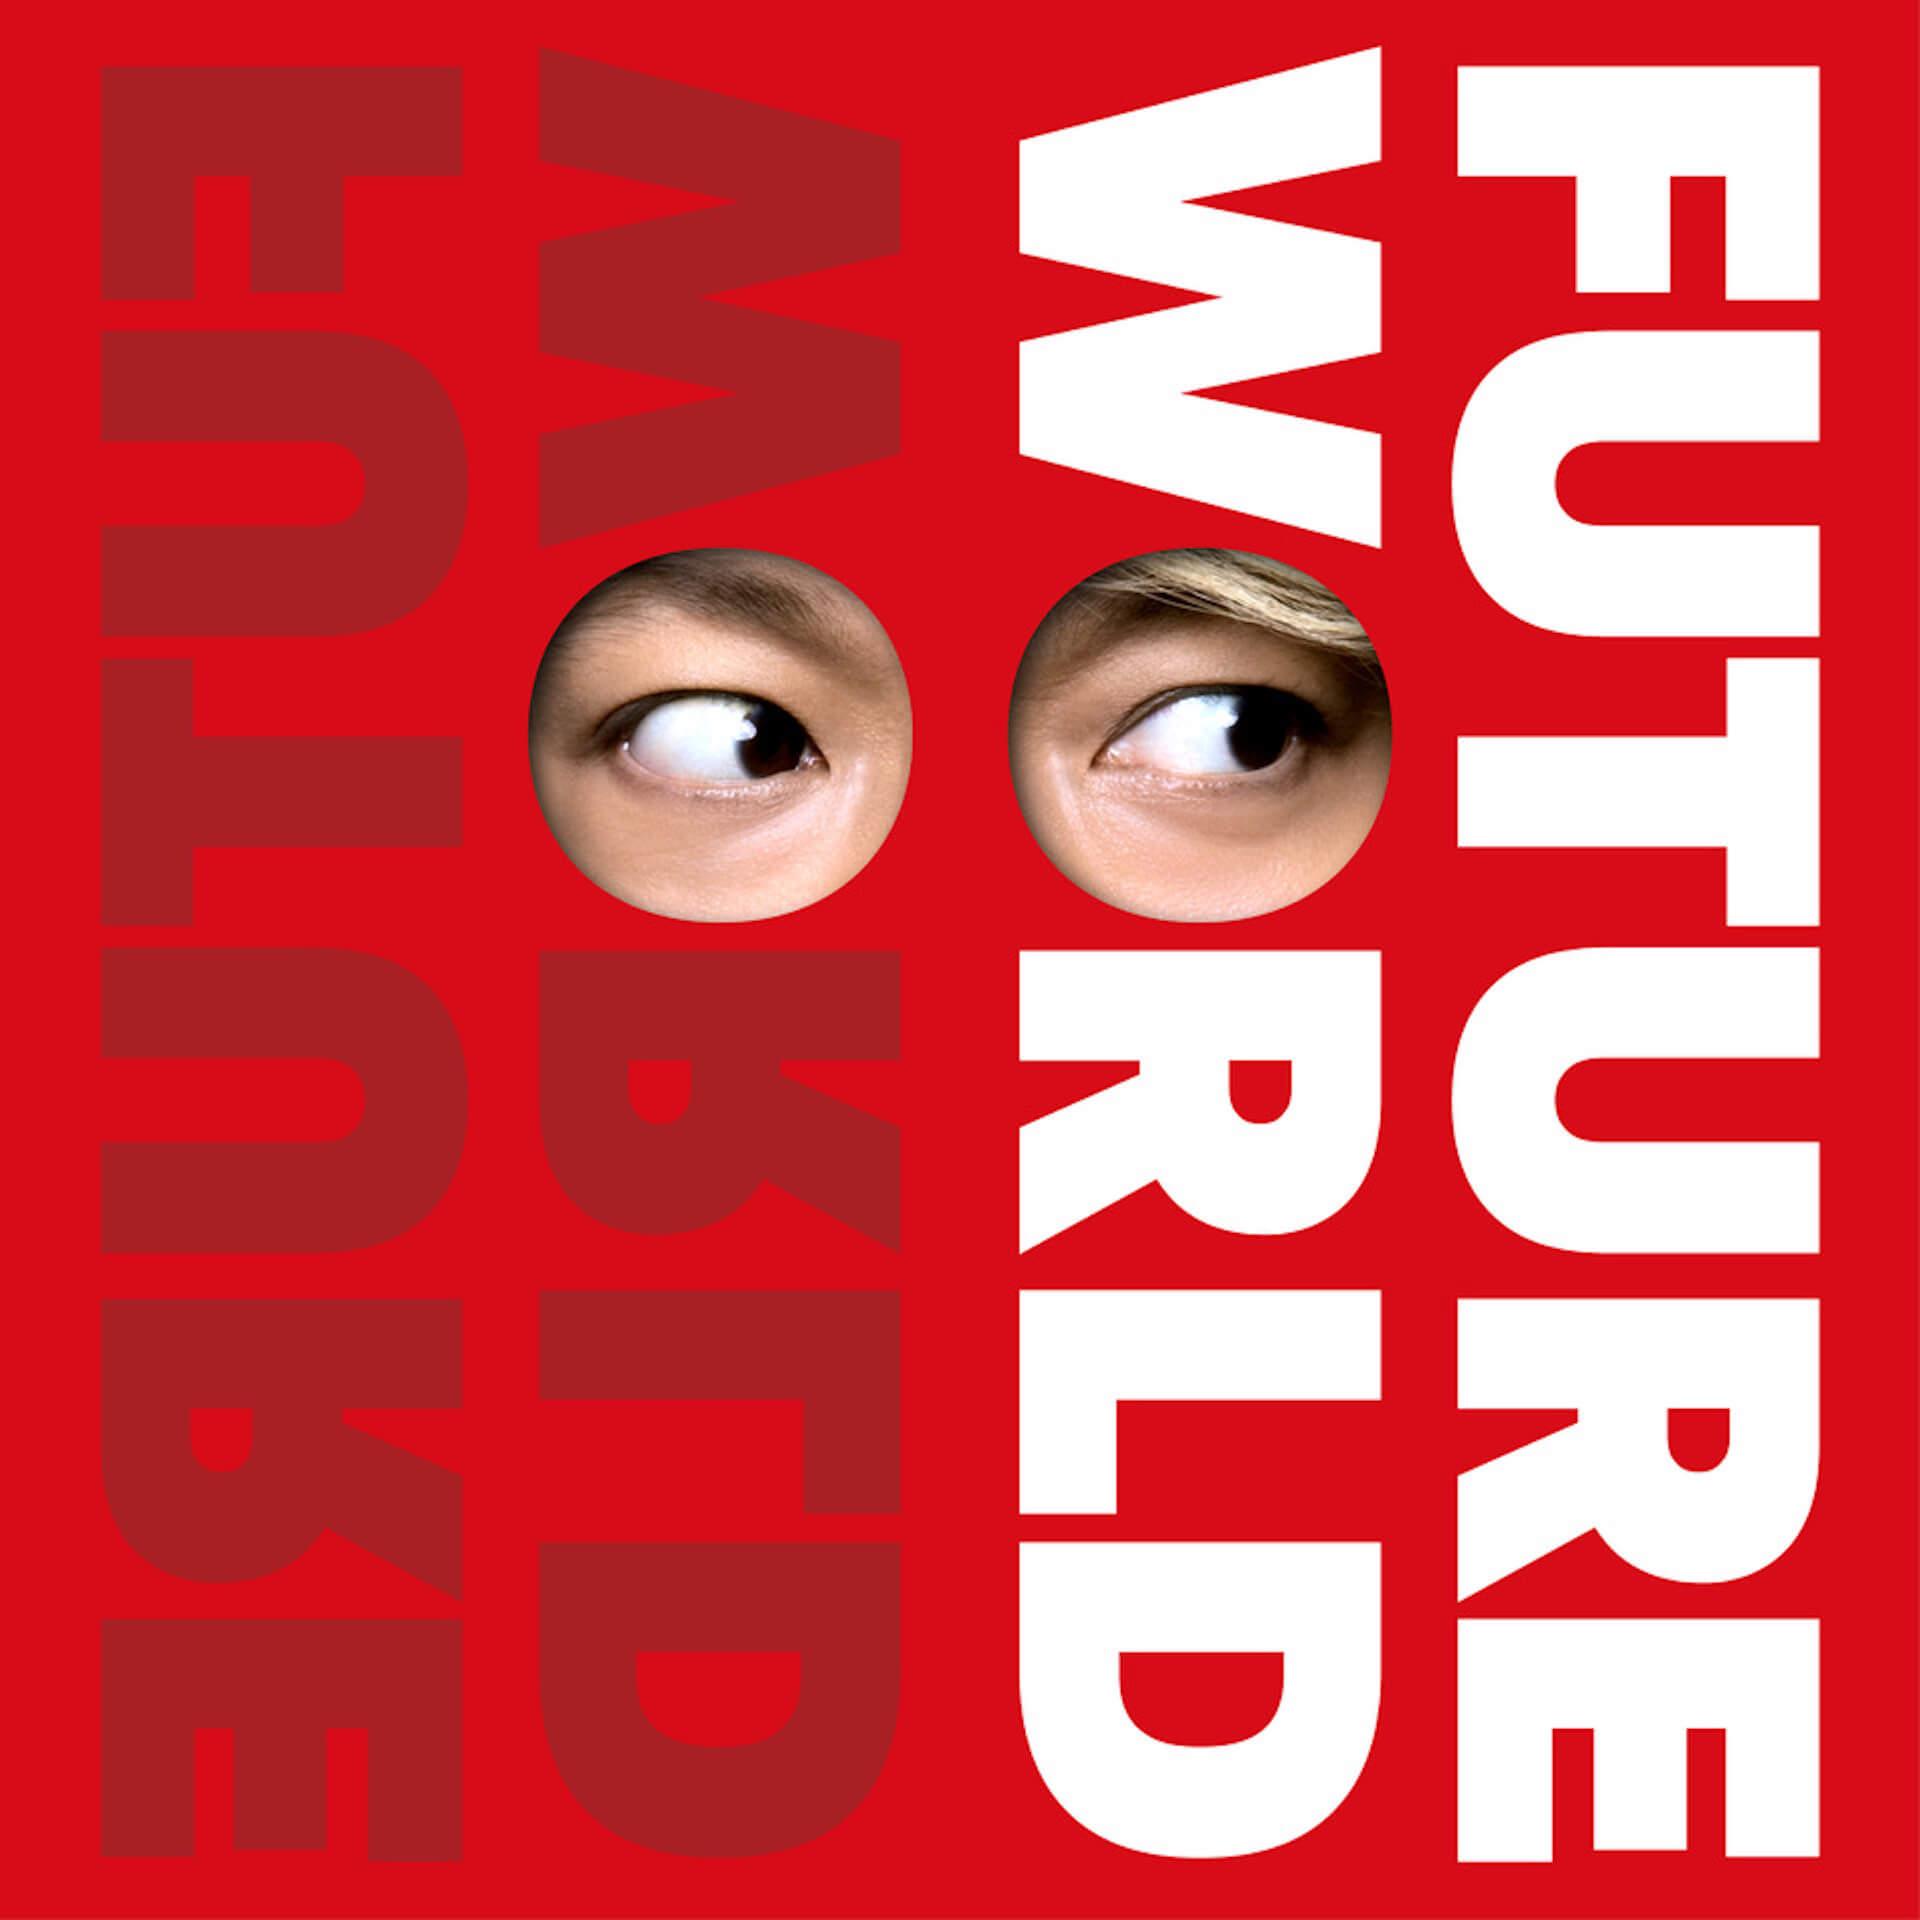 香取慎吾『20200101』よりBiSHとのコラボ曲「FUTURE WORLD」の先行配信がスタート music191224_katorishingo_4